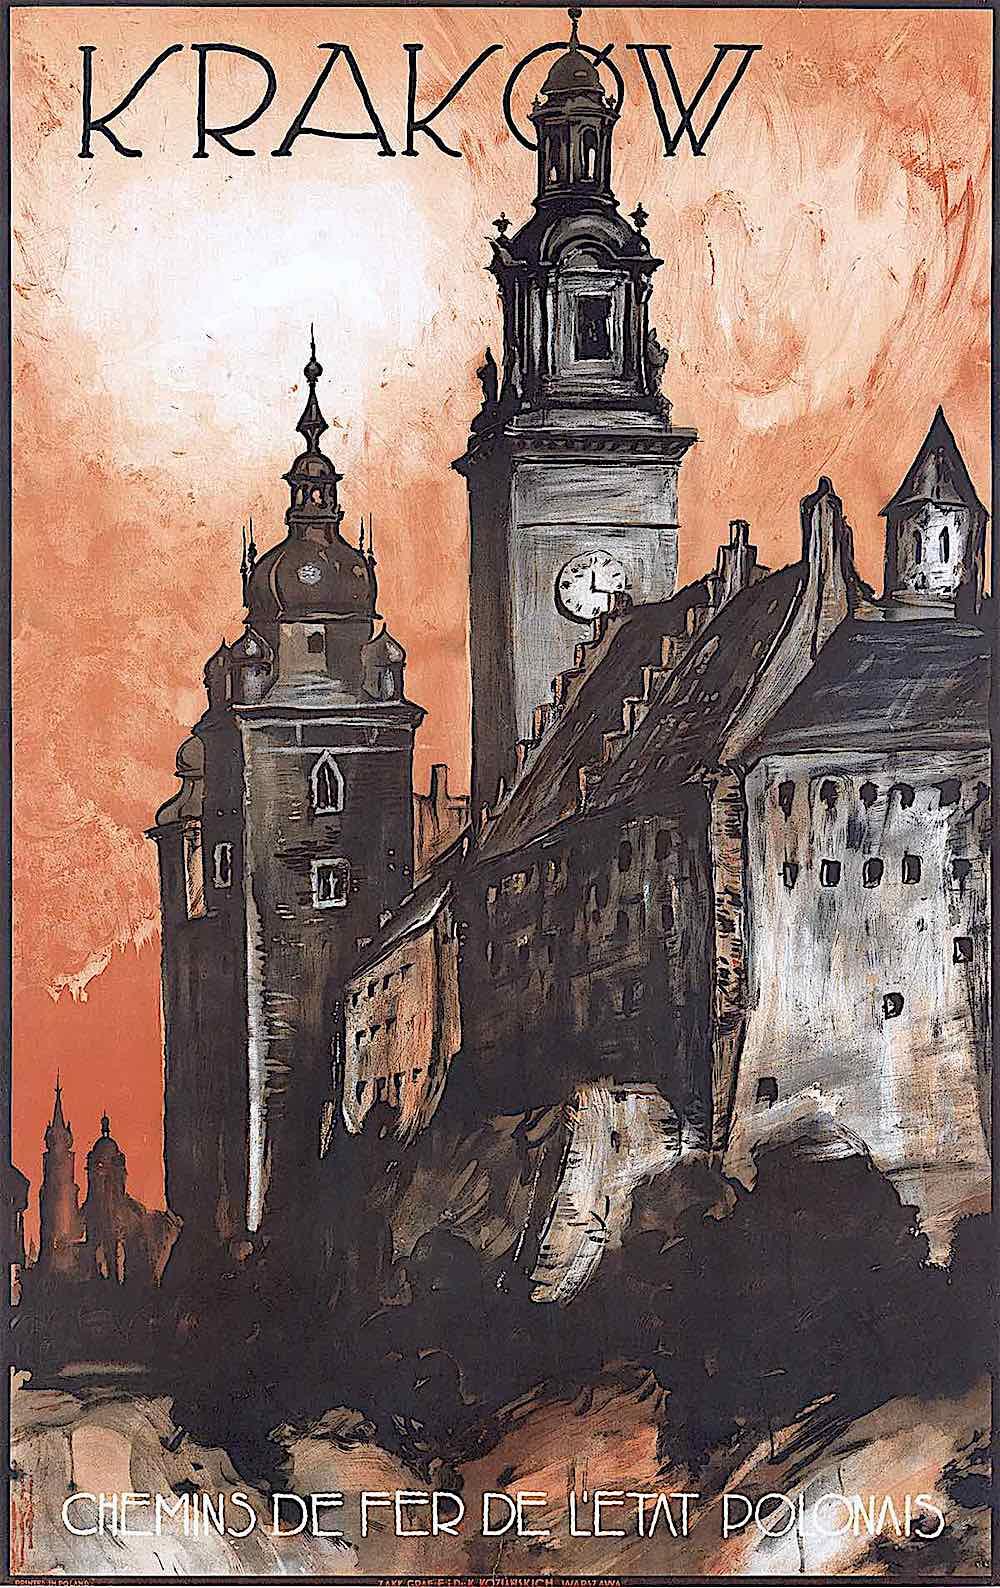 a Stefan Norblin 1935 travel poster for Krakow